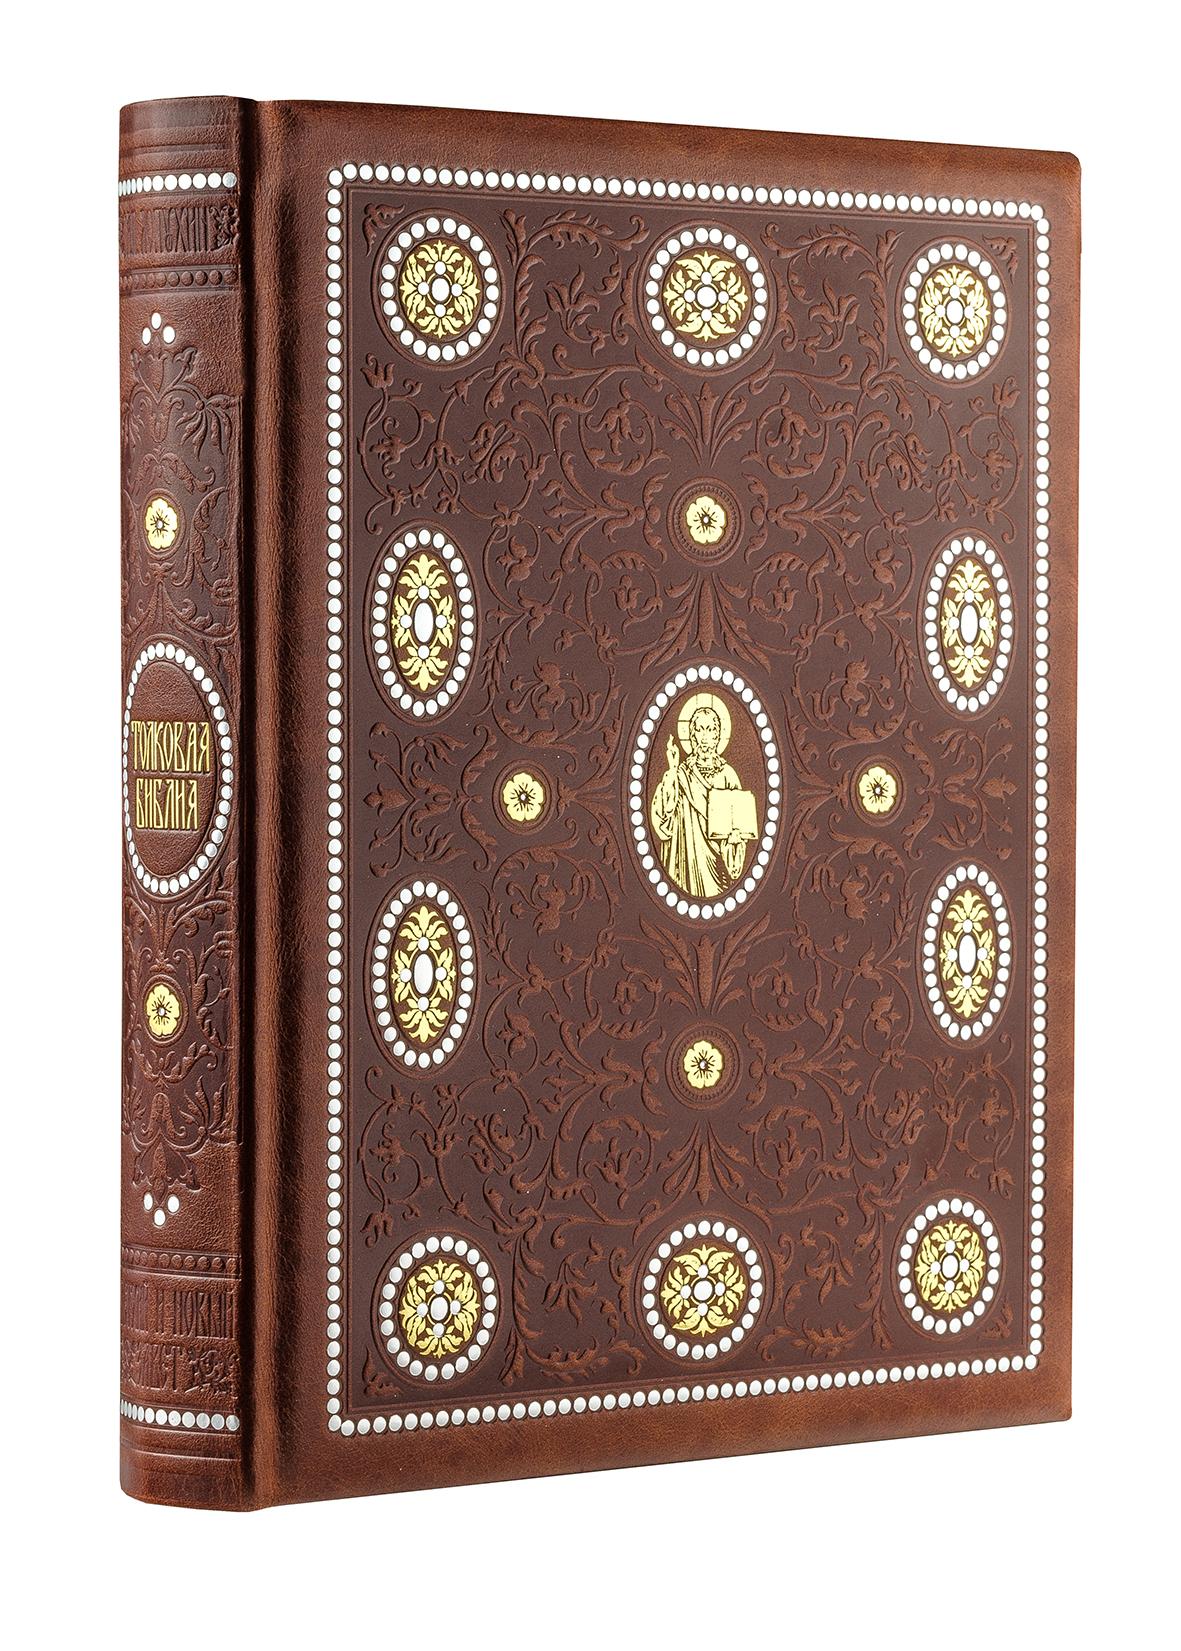 Лопухин А.П. Толковая Библия: Ветхий Завет и Новый Завет (книга+футляр) ясонов м библейские предания ветхий завет